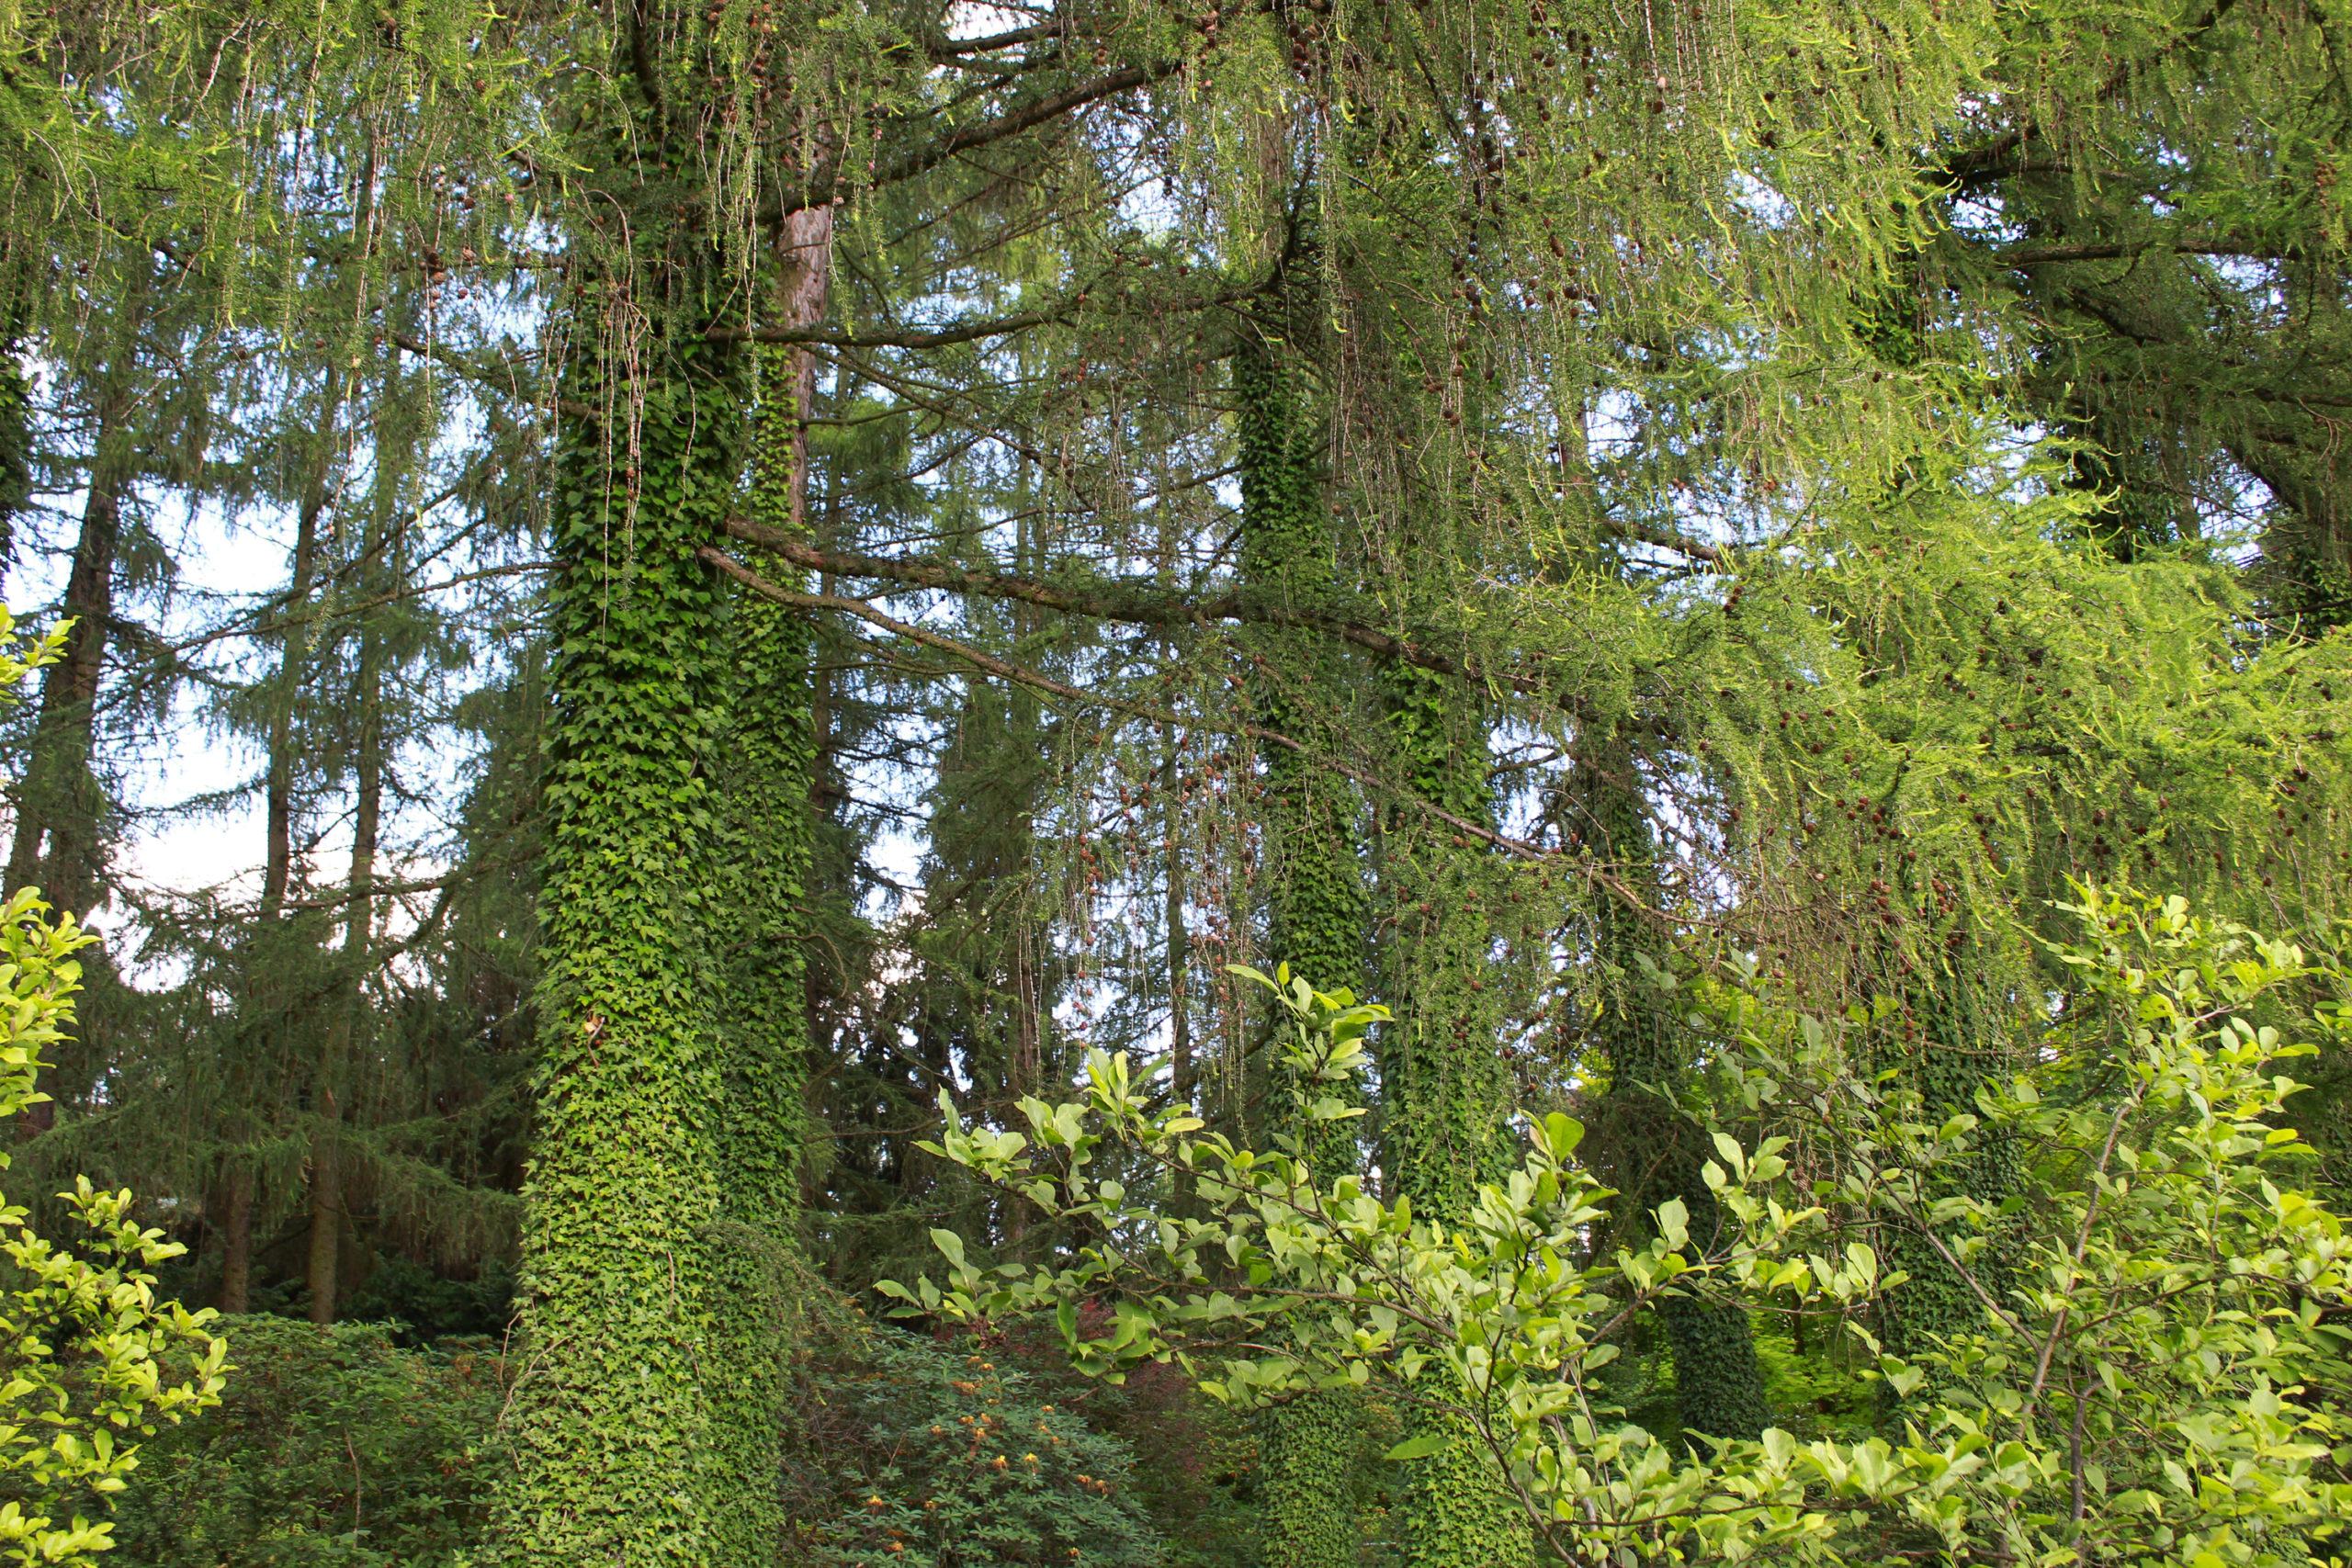 Drzewa obrośnięta bluszczem